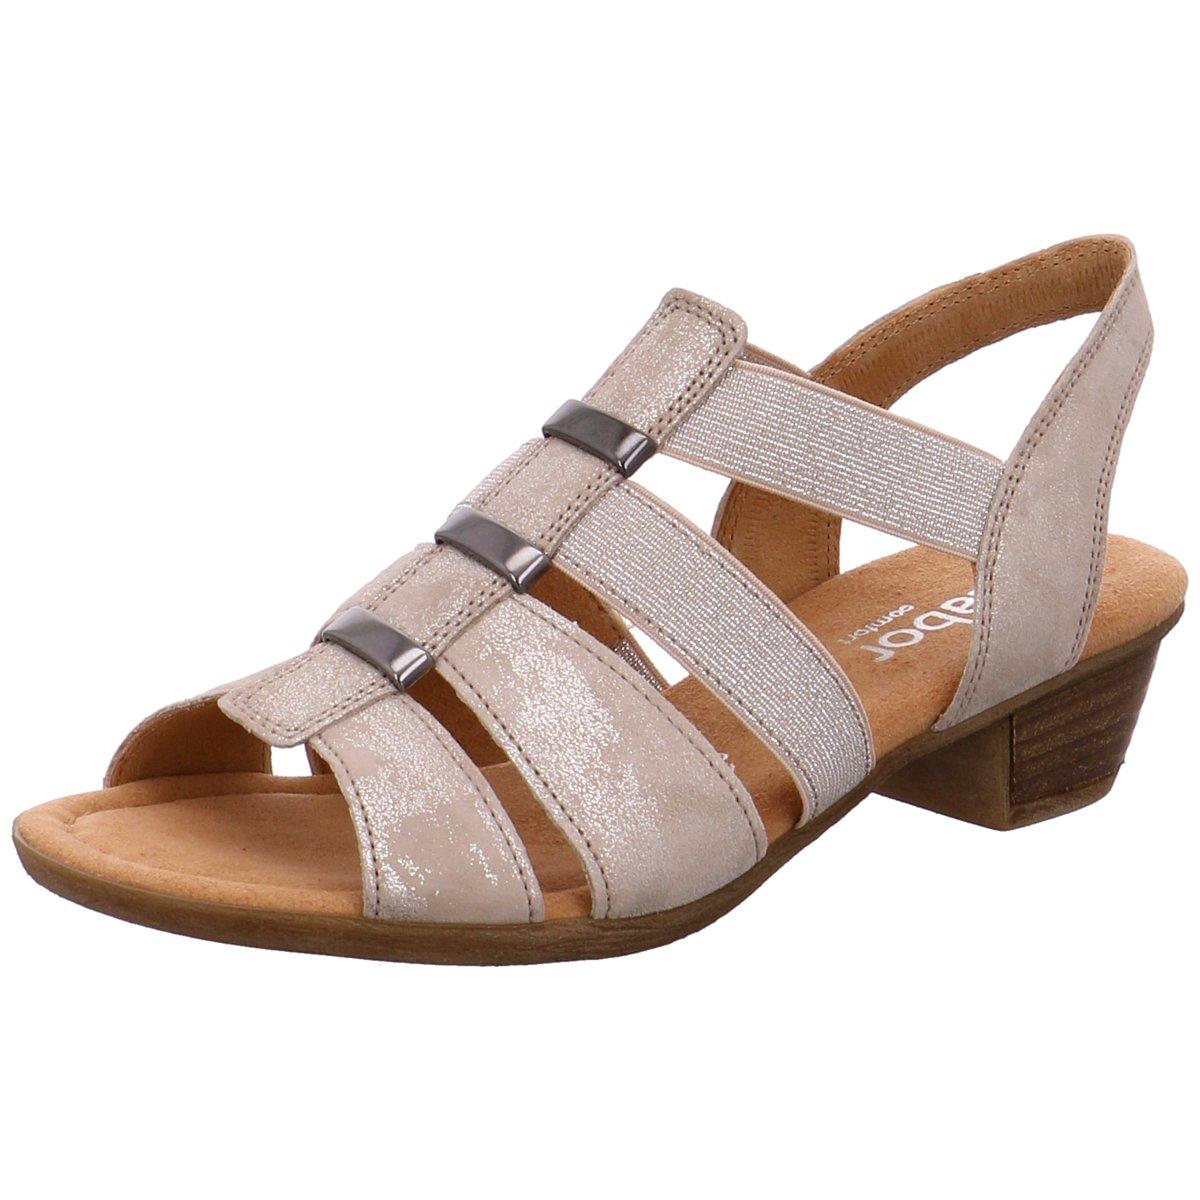 Gabor comfort Damen Sandaletten 42472-33 grau 111836  | Up-to-date Styling  | Qualität und Quantität garantiert